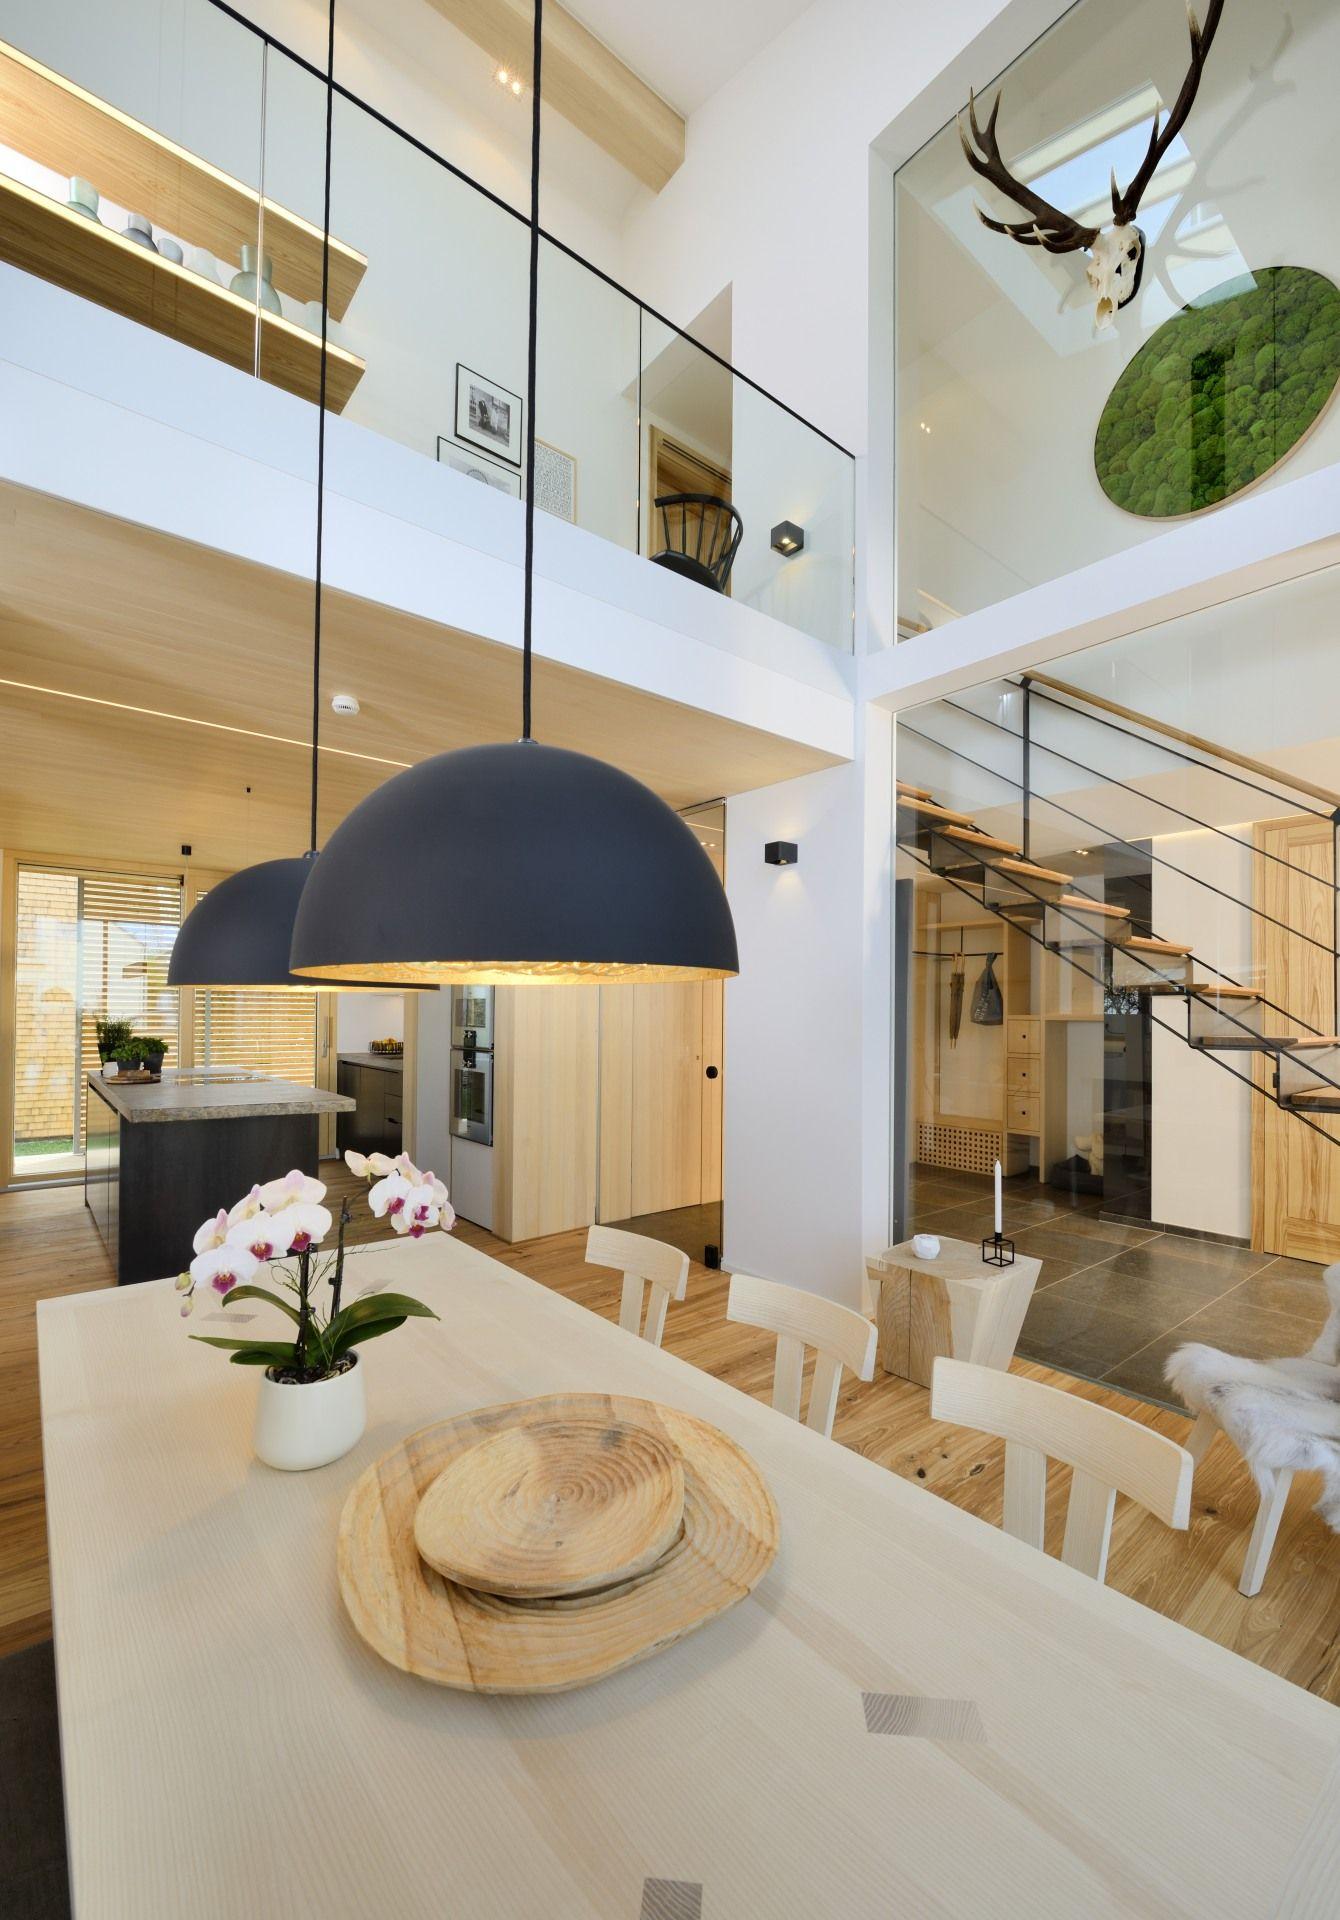 Lichtgalerie Uber Esszimmer Wohnen Zuhause Dekoration Wohnhaus